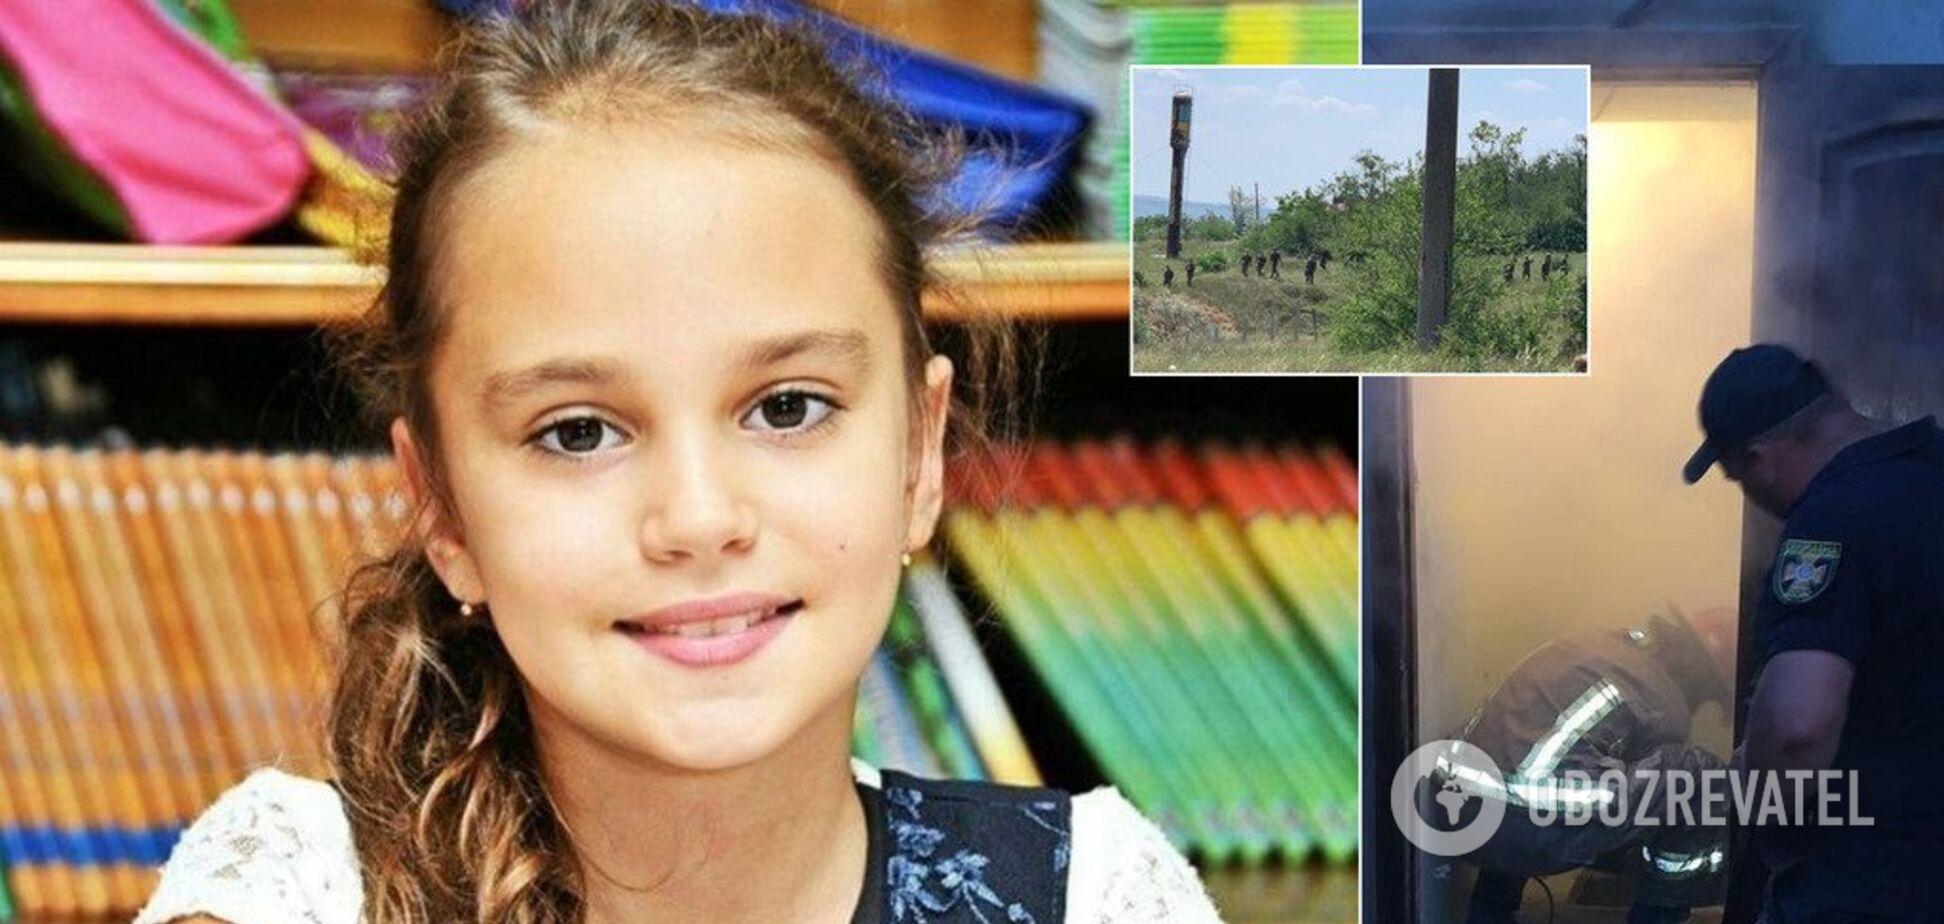 Зверское убийство 11-летней Даши: все подробности и фото подозреваемого